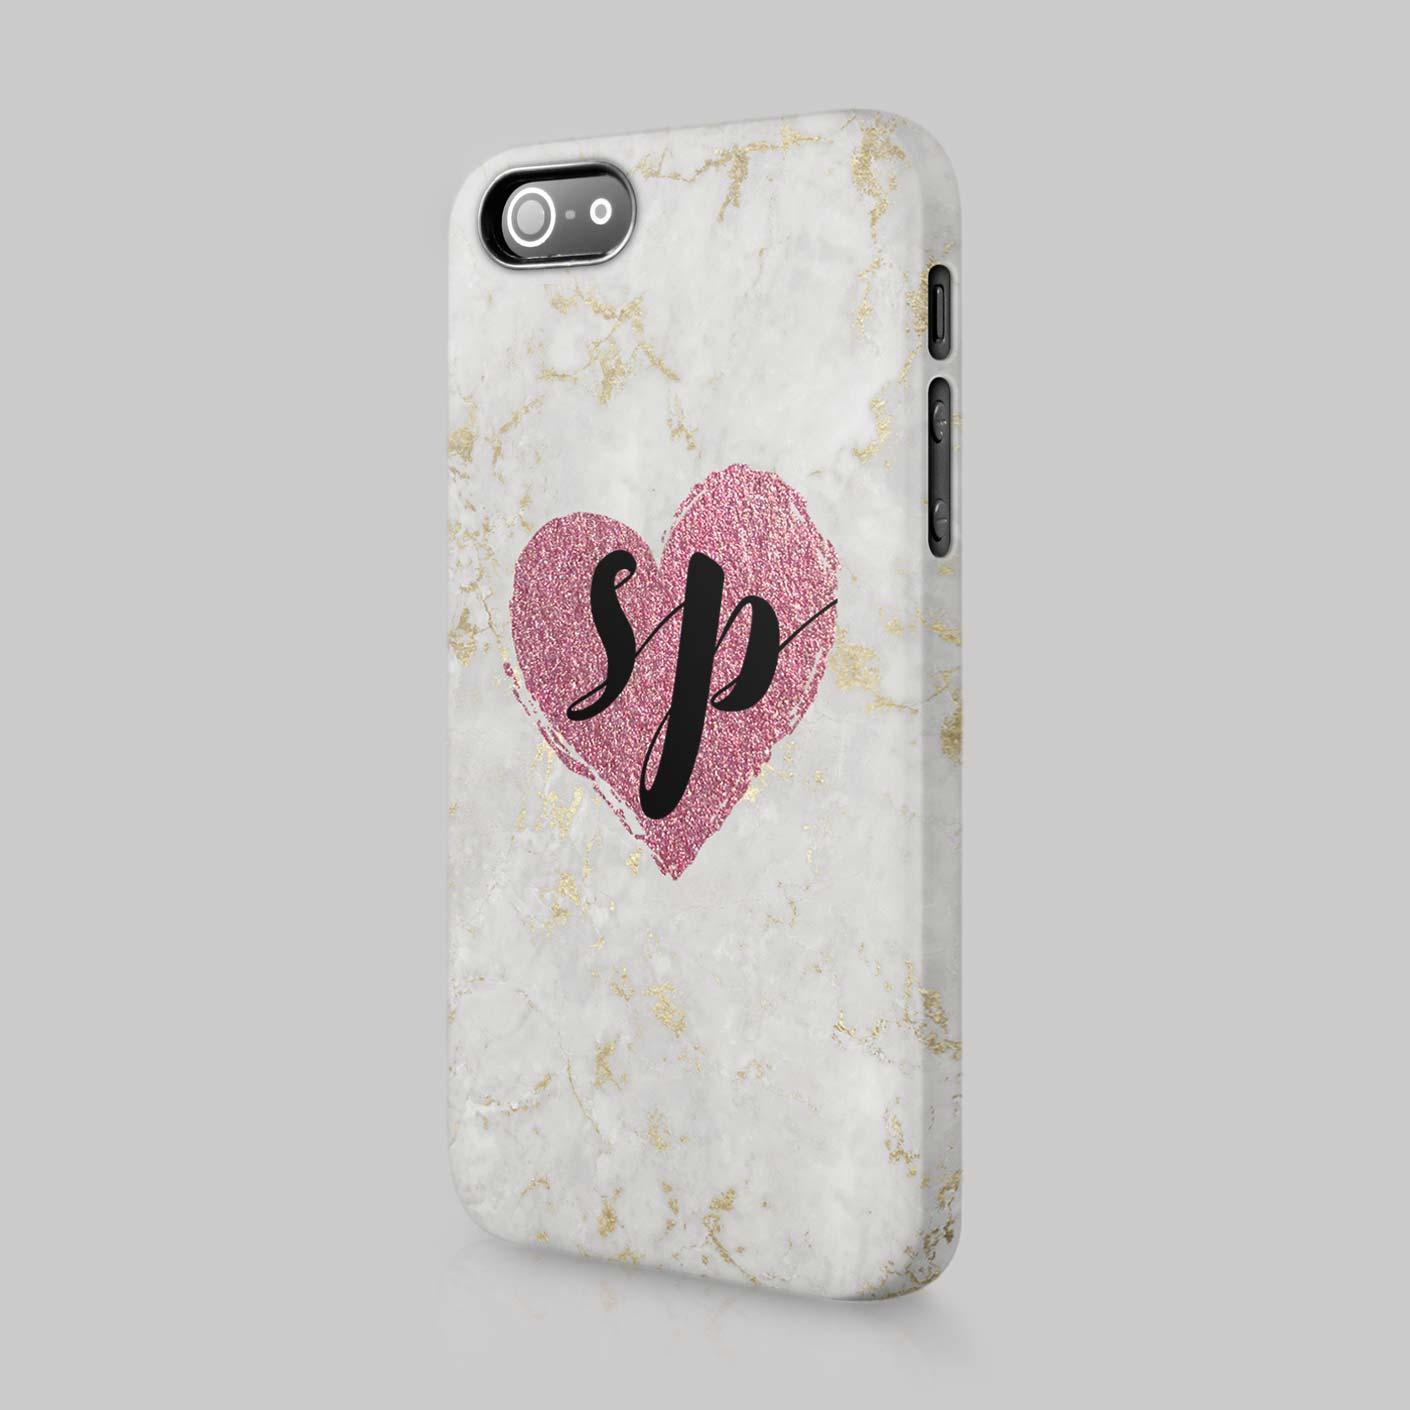 Personalised Iphone  Case Initials